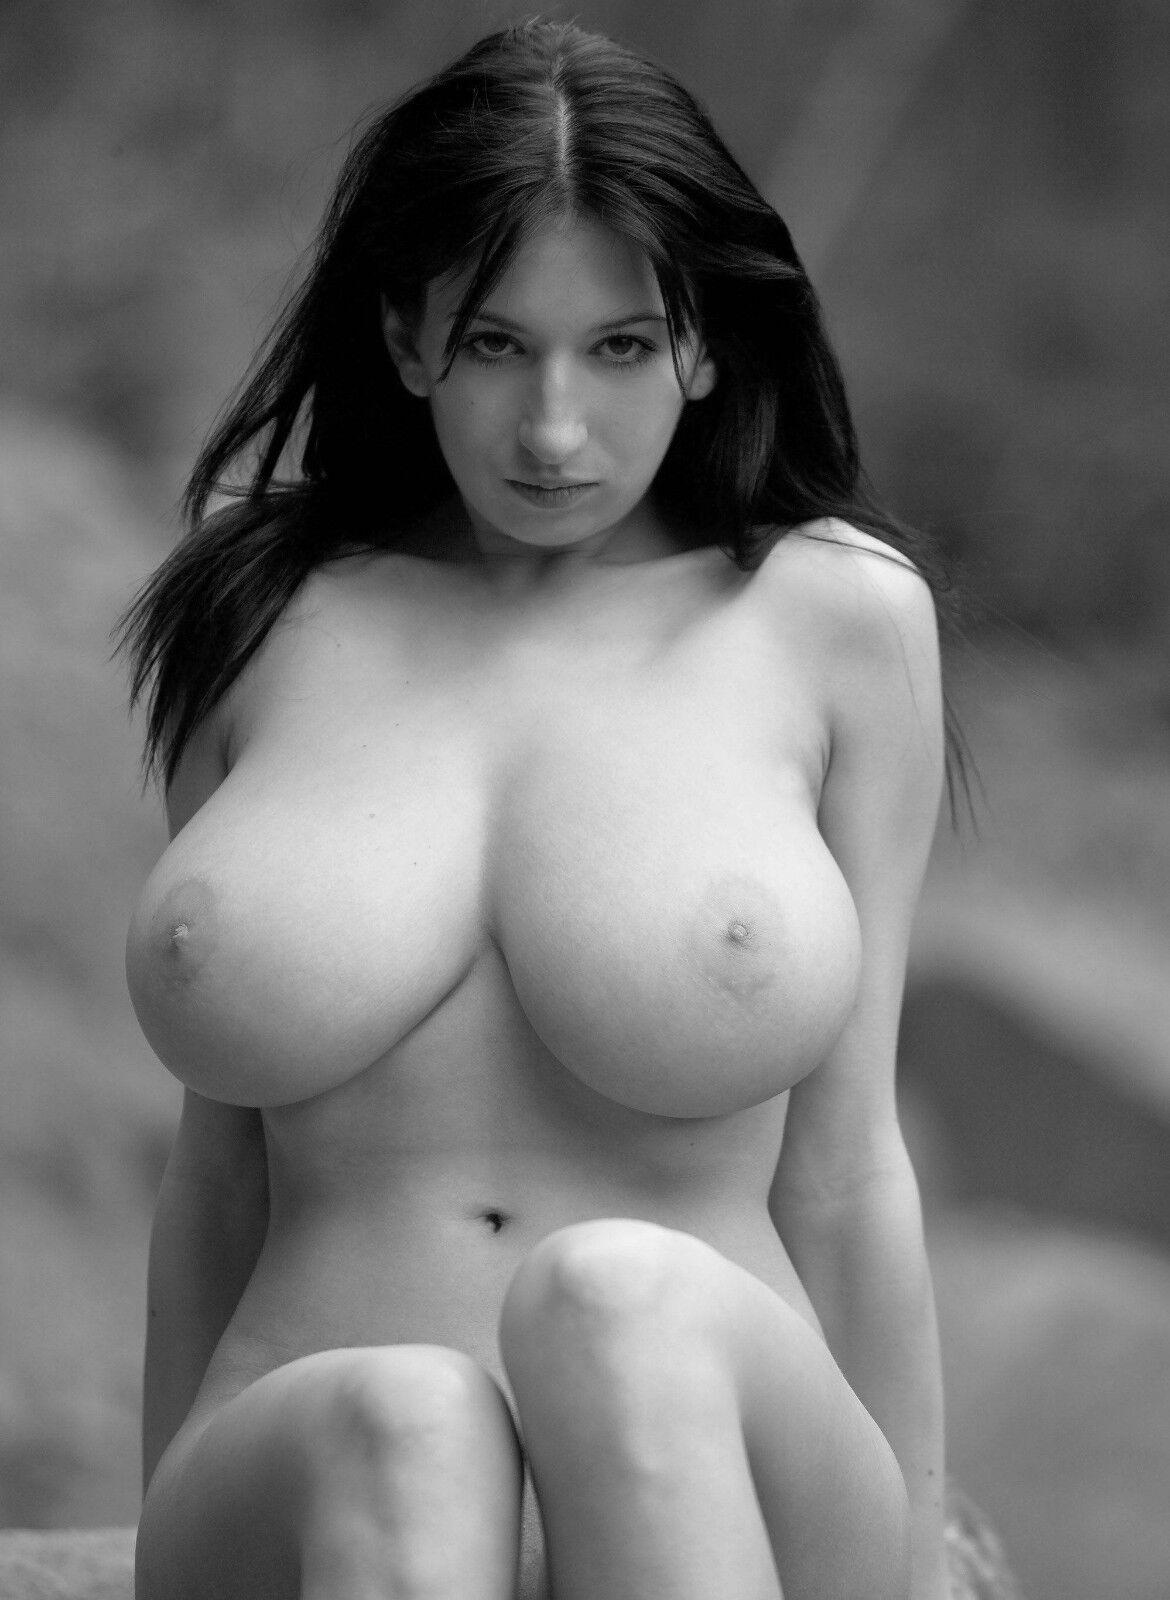 голые женьщишы фото